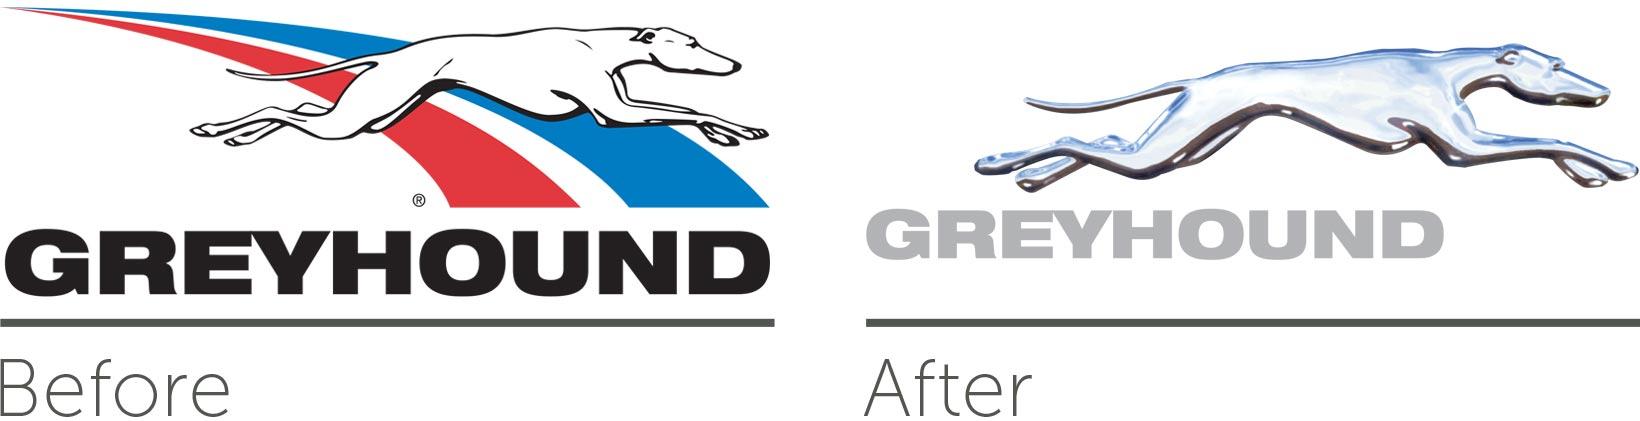 Greyhound Bus Logos